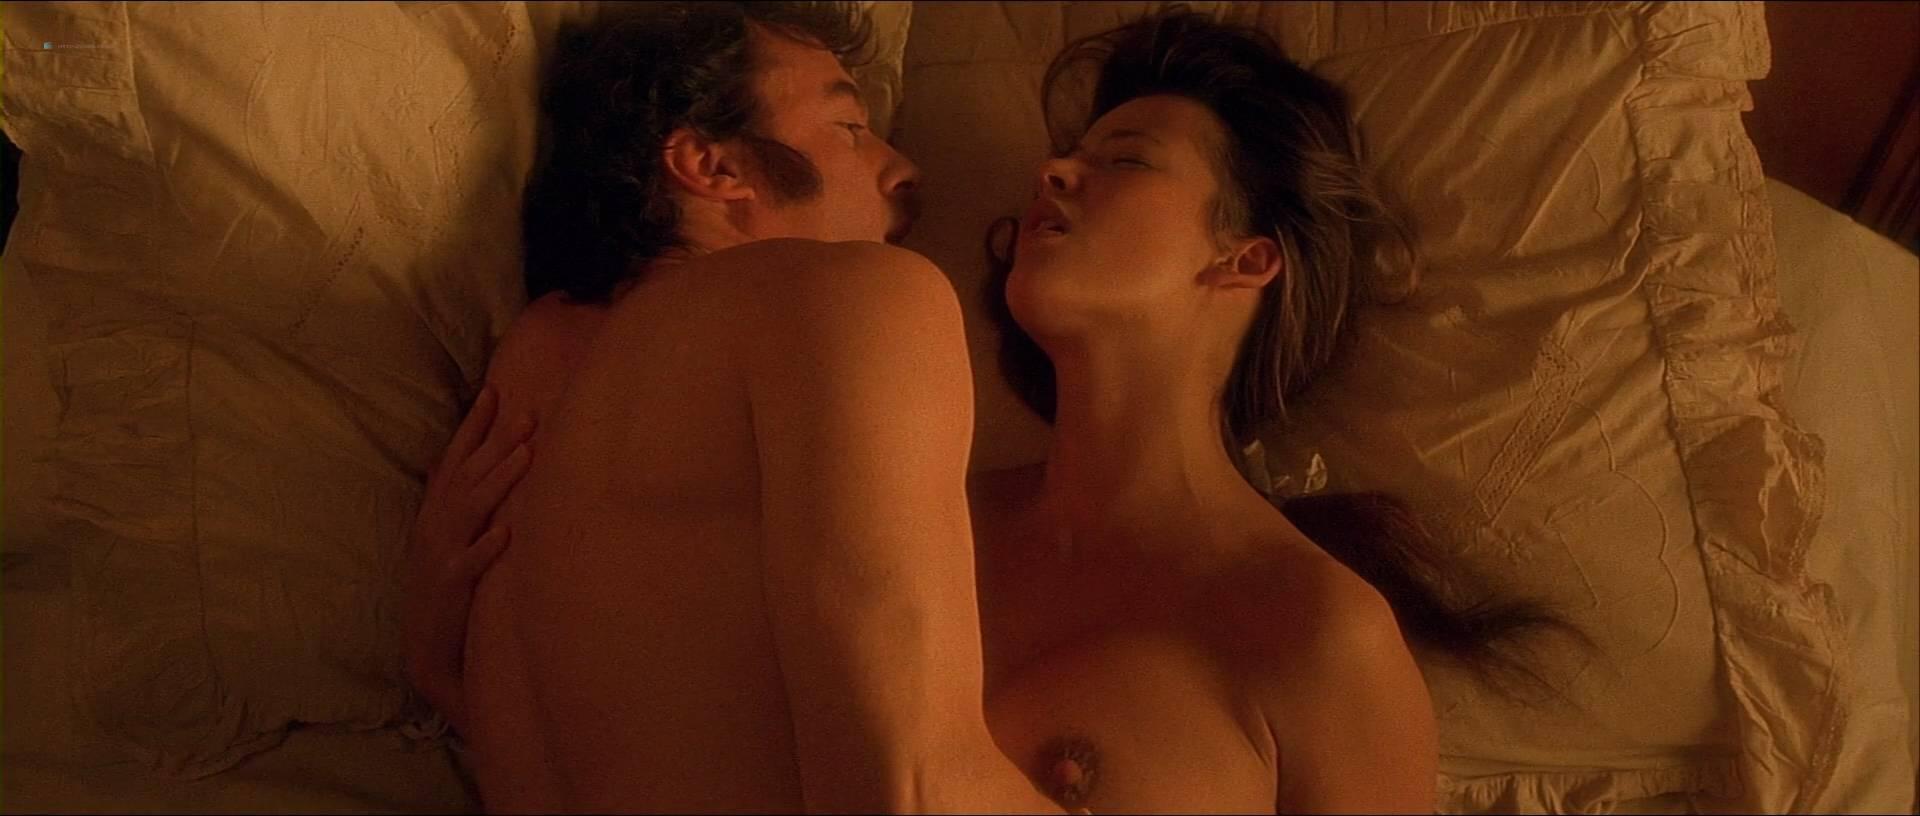 sophie marceau naked blow job